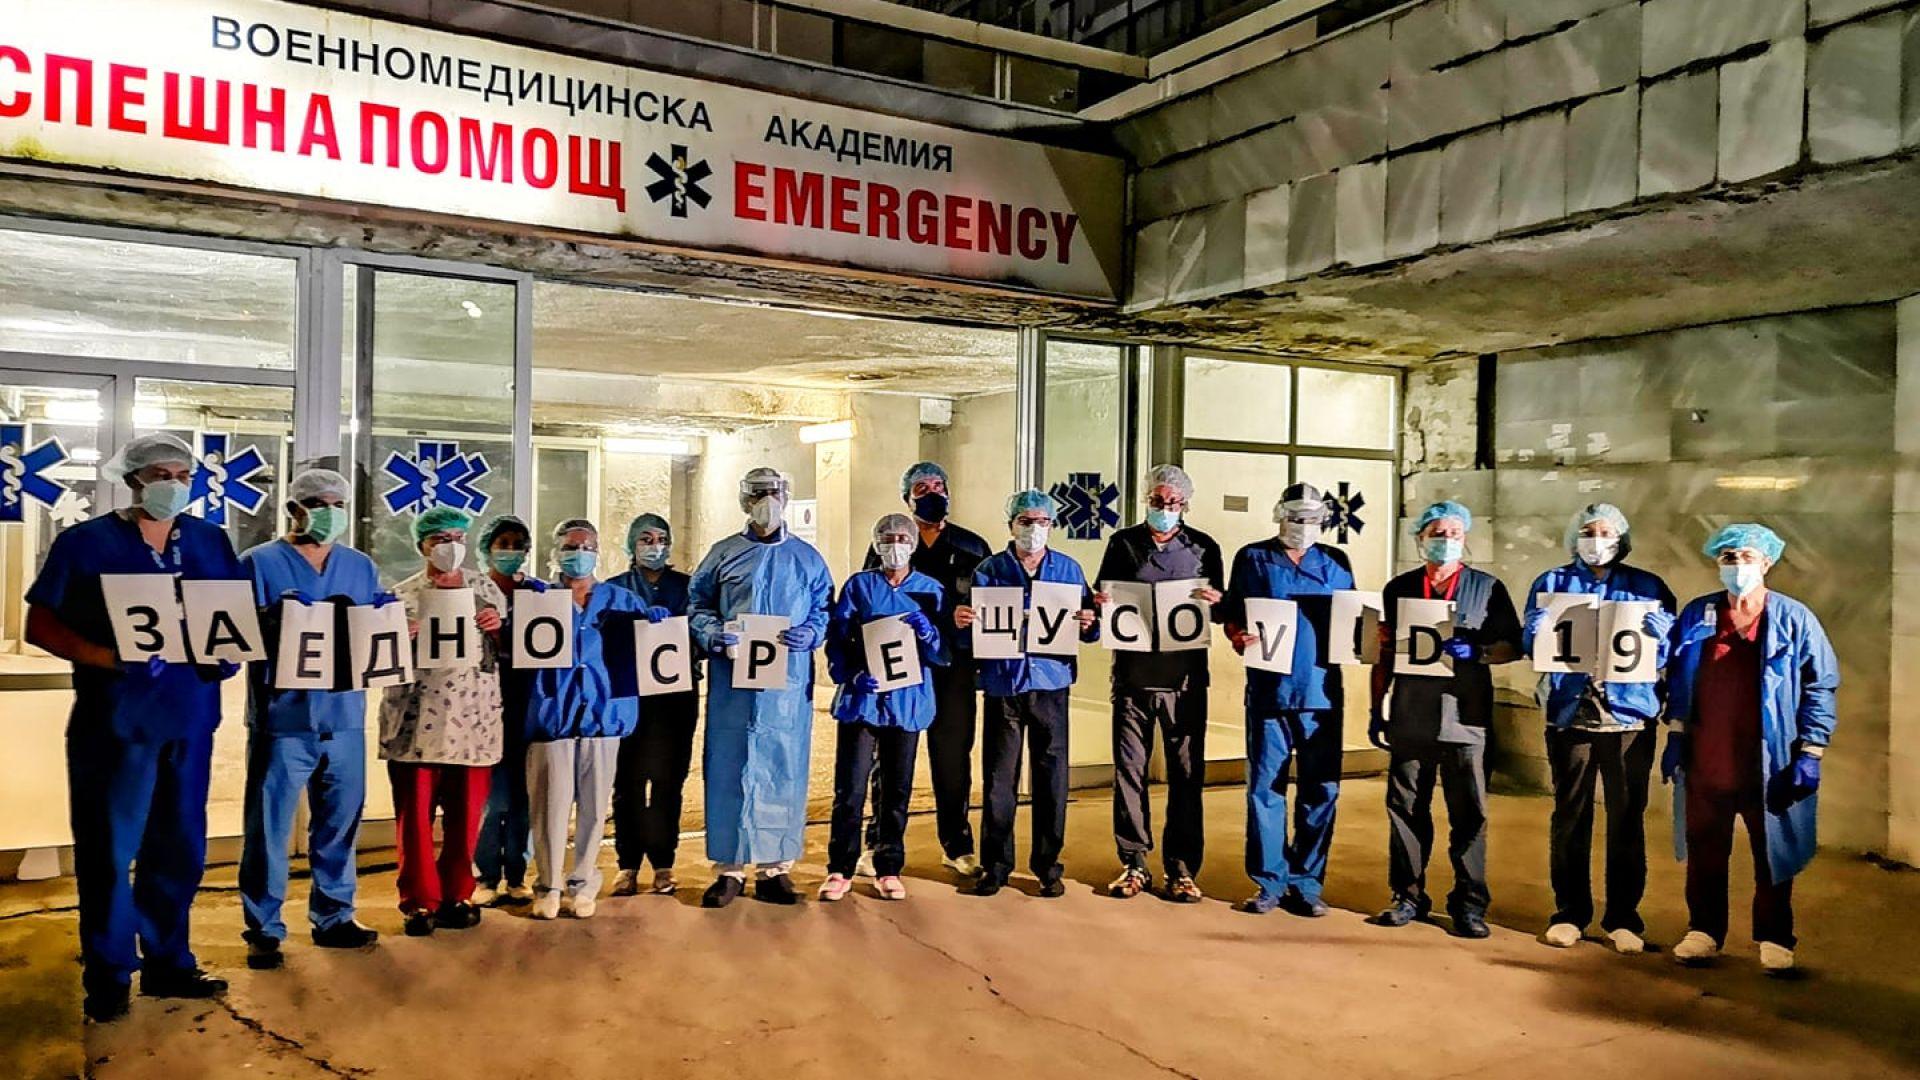 Нов флашмоб на медиците с нов призив за спазване на мерките (снимки и видео)